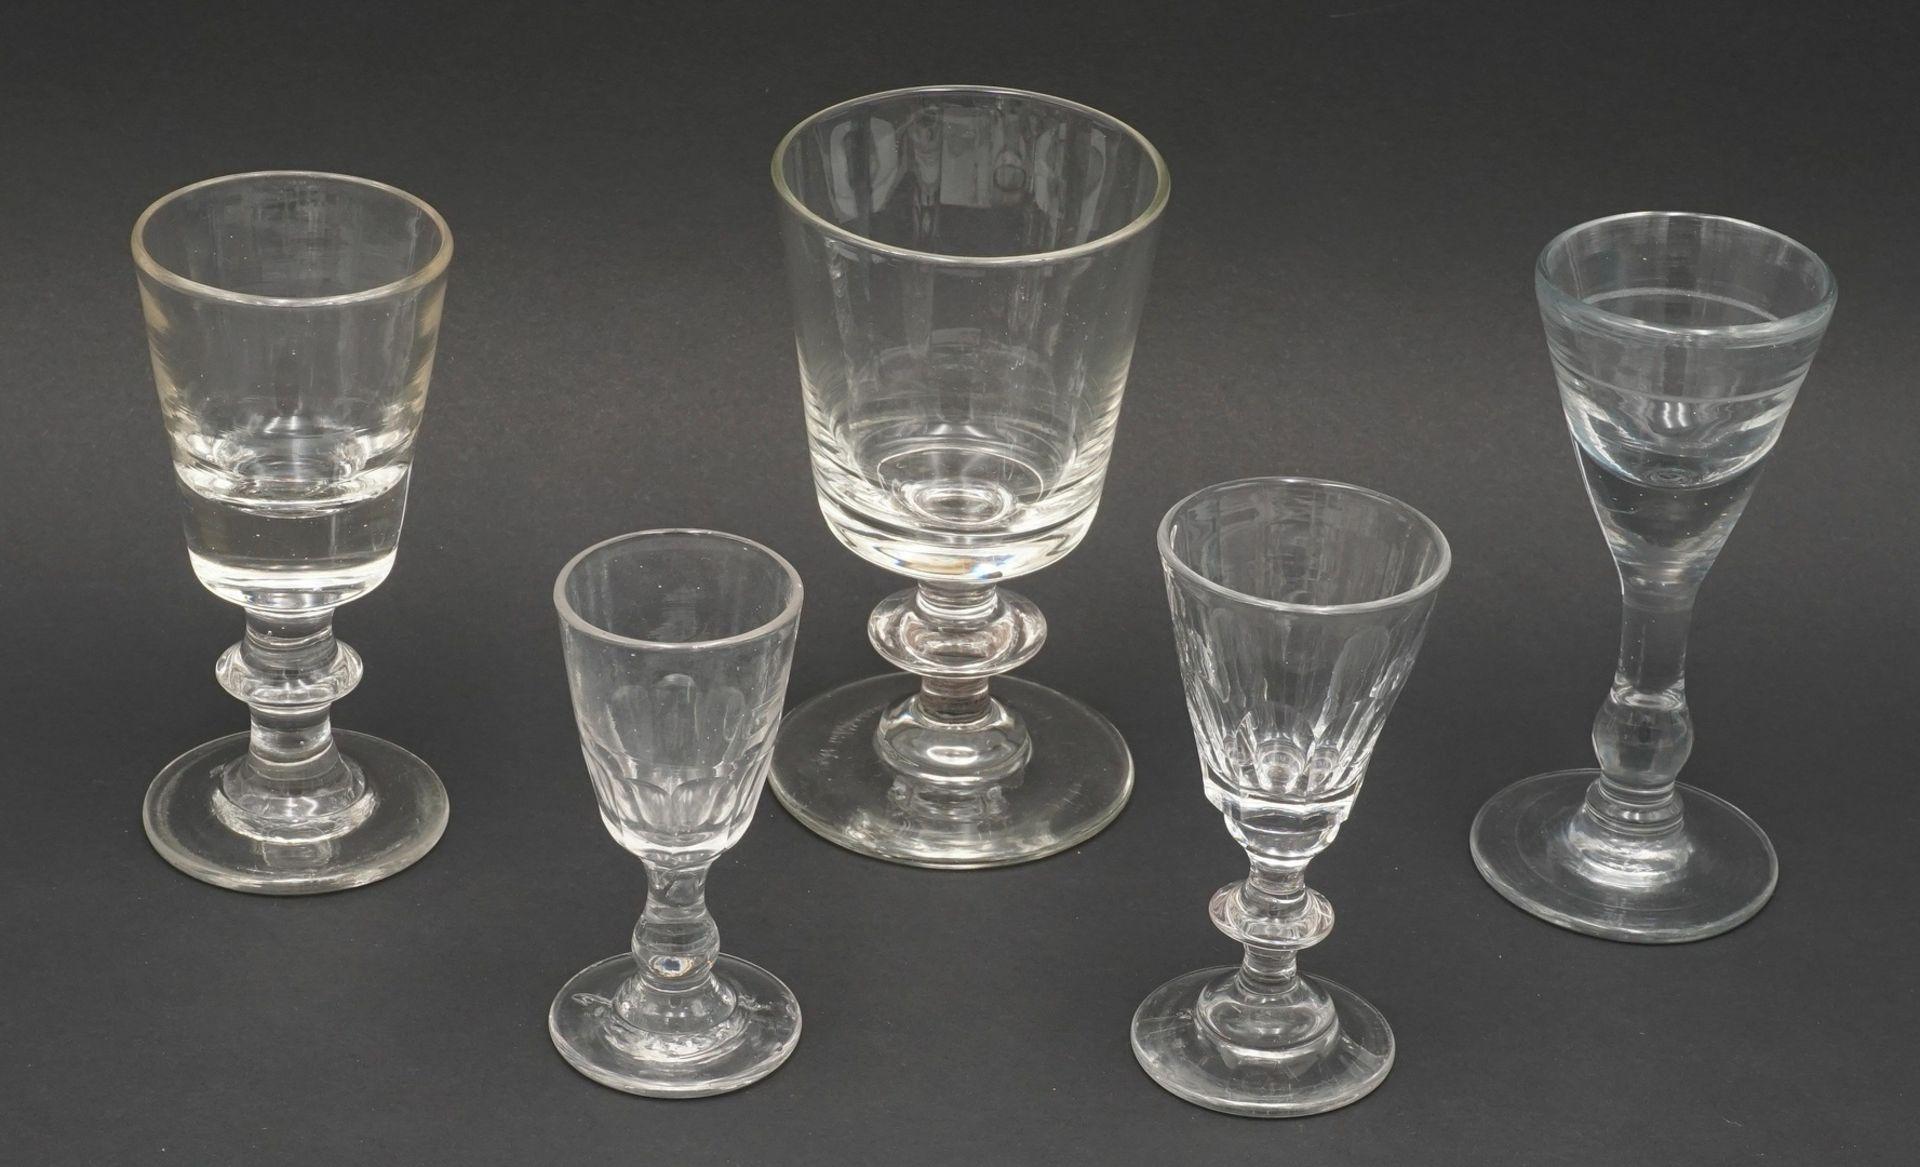 Konvolut 14 Wein- und Schnapsgläser, um 1900 - Bild 2 aus 4